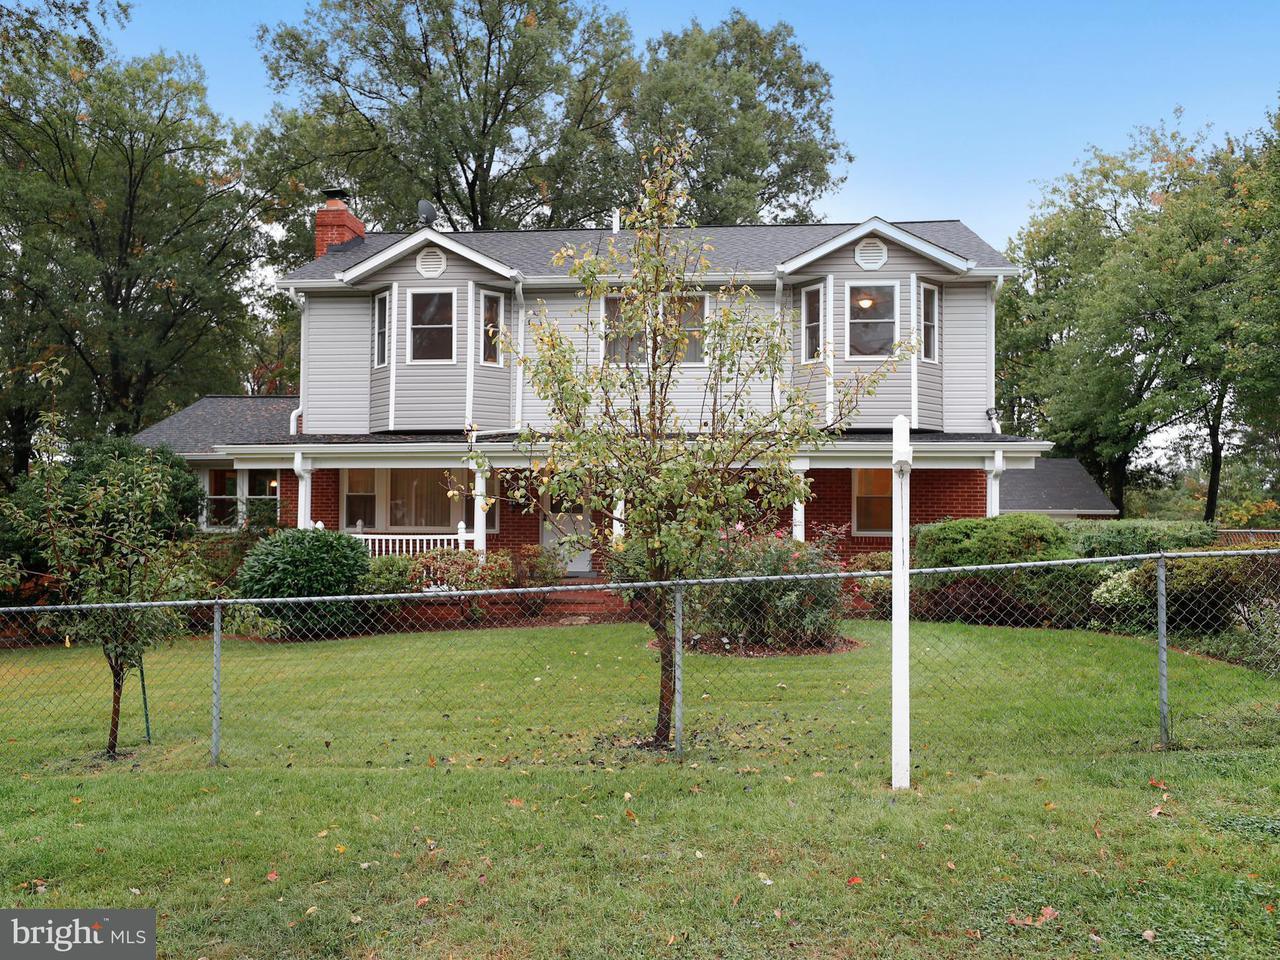 Частный односемейный дом для того Продажа на 8407 26TH Place 8407 26TH Place Adelphi, Мэриленд 20783 Соединенные Штаты